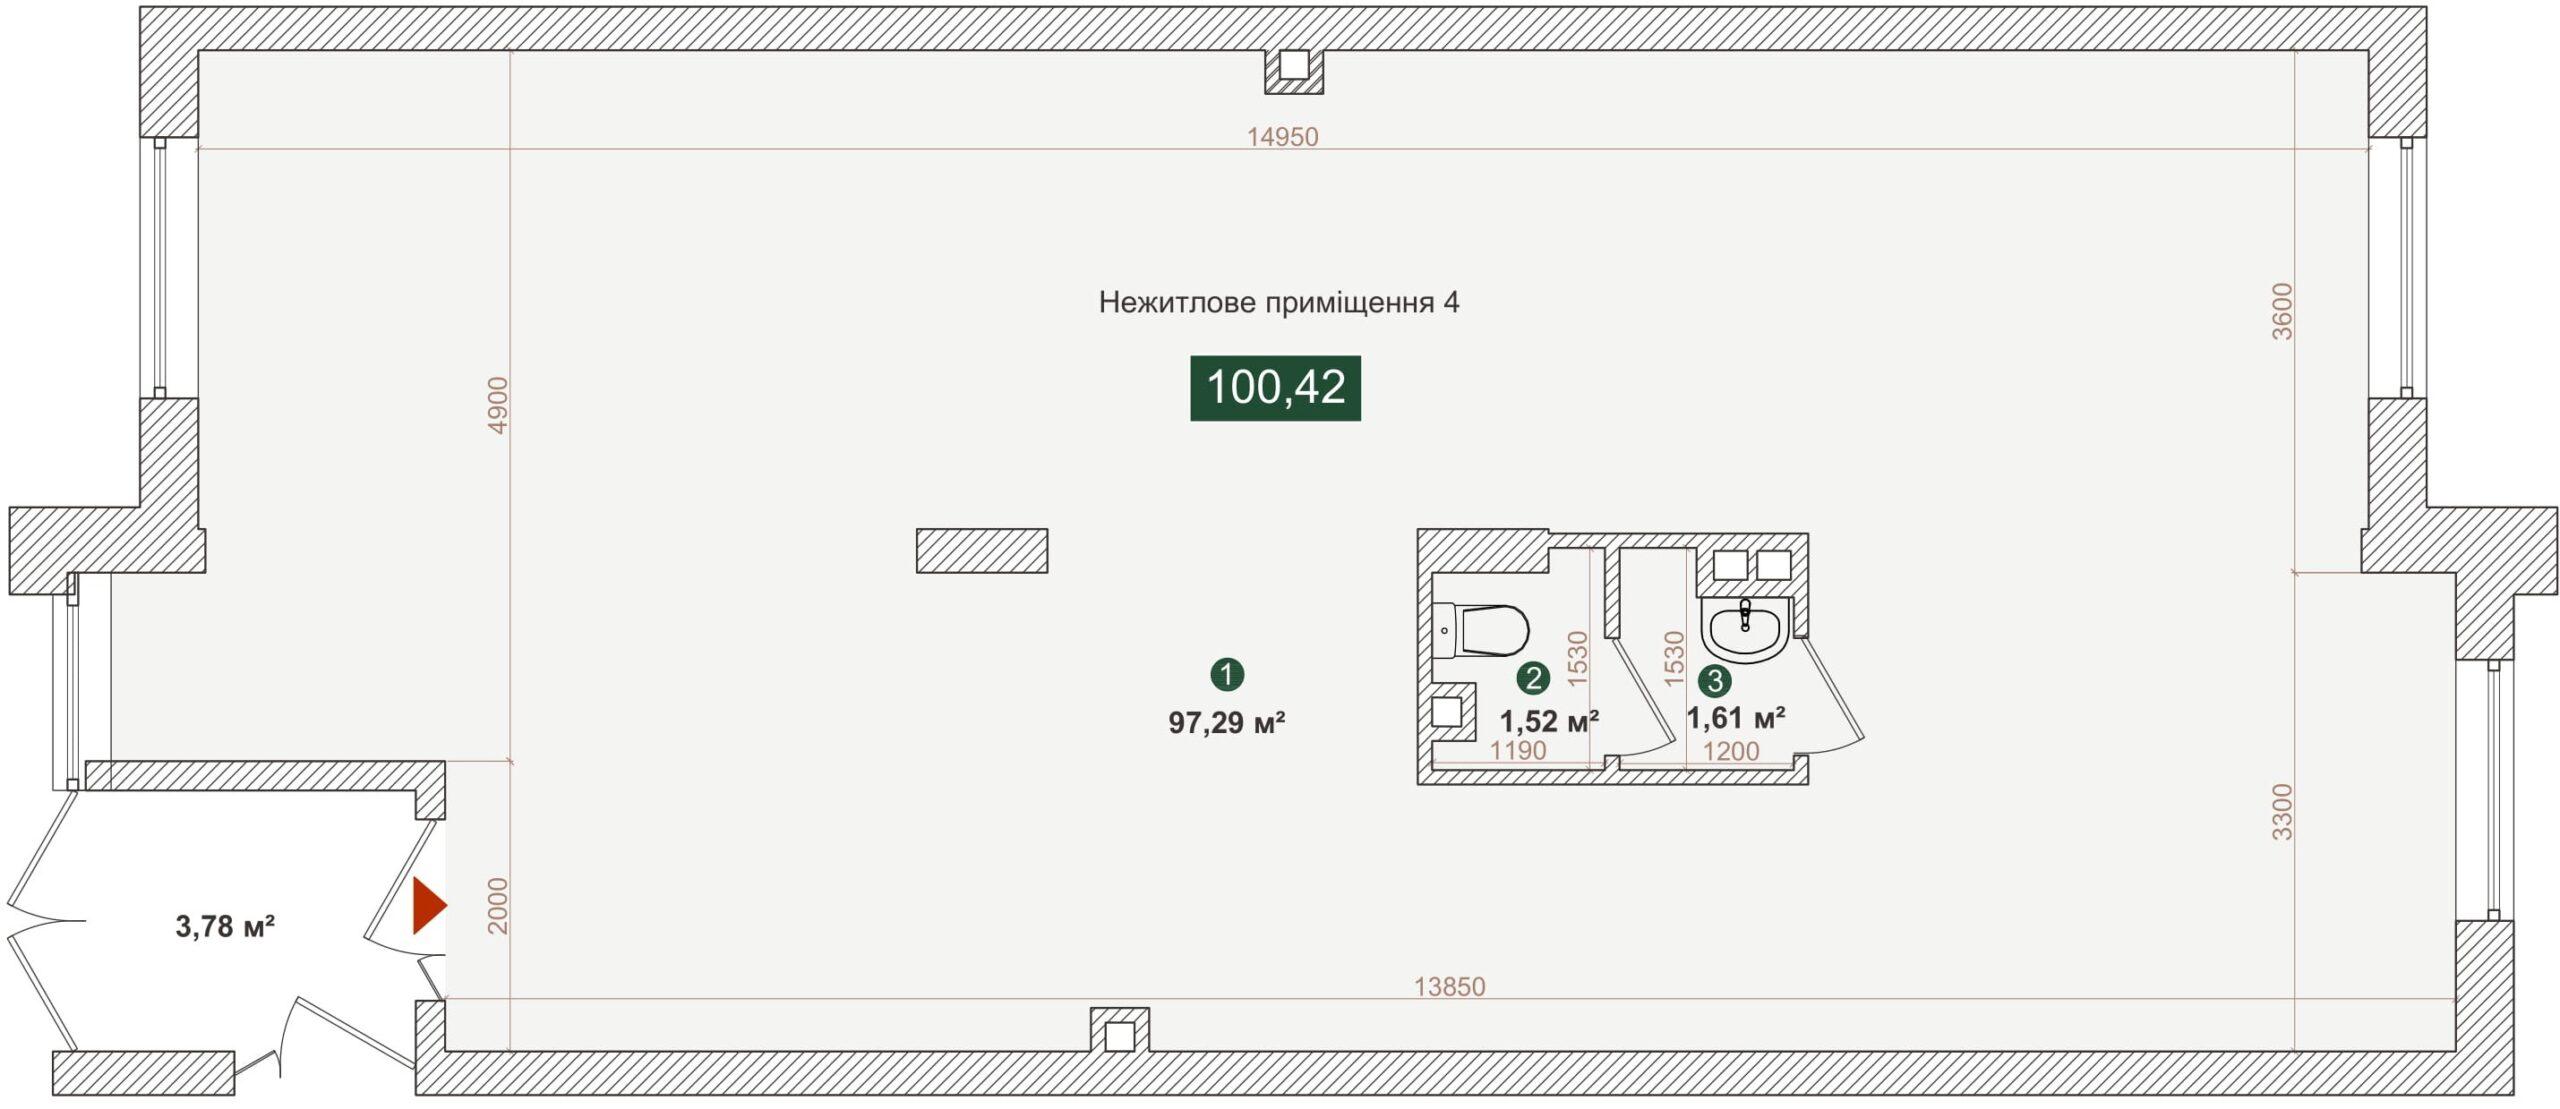 Комерційне приміщення №4, будинок №2, секція A, Дніпроводська,1 у ЖК Forest Park